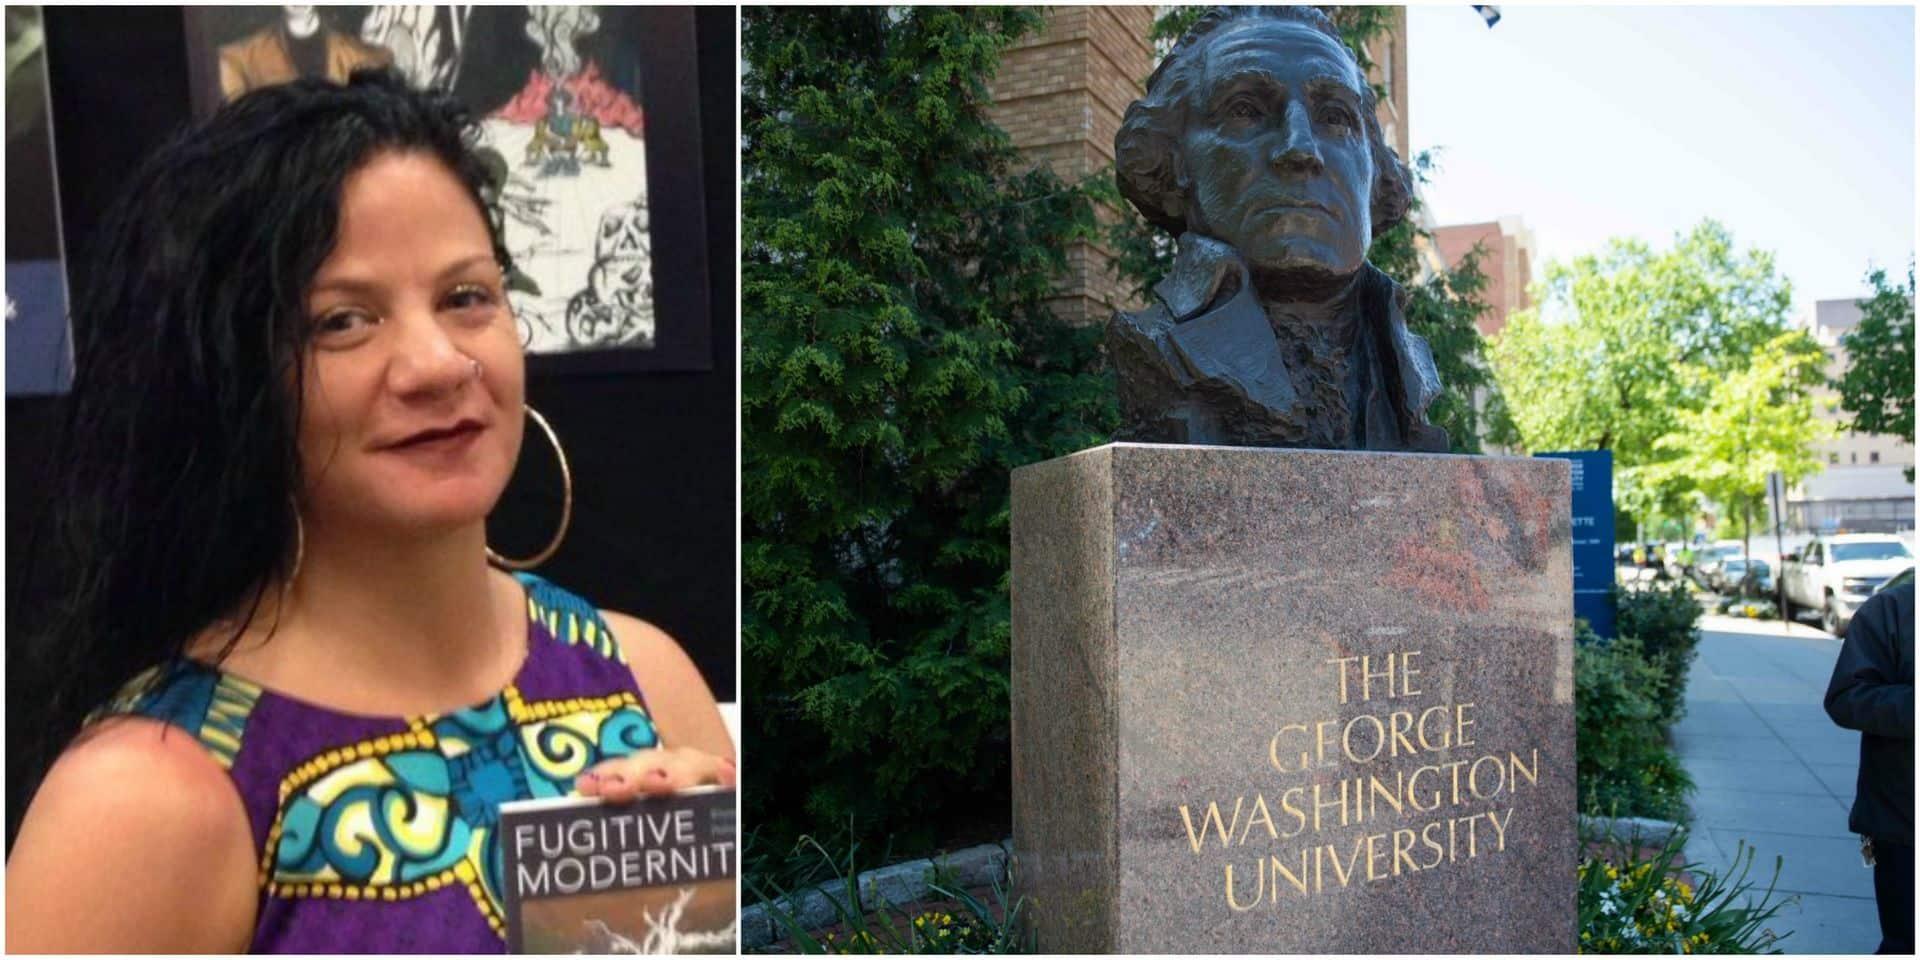 Une enseignante de l'université George Washington qui se disait noire admet être blanche